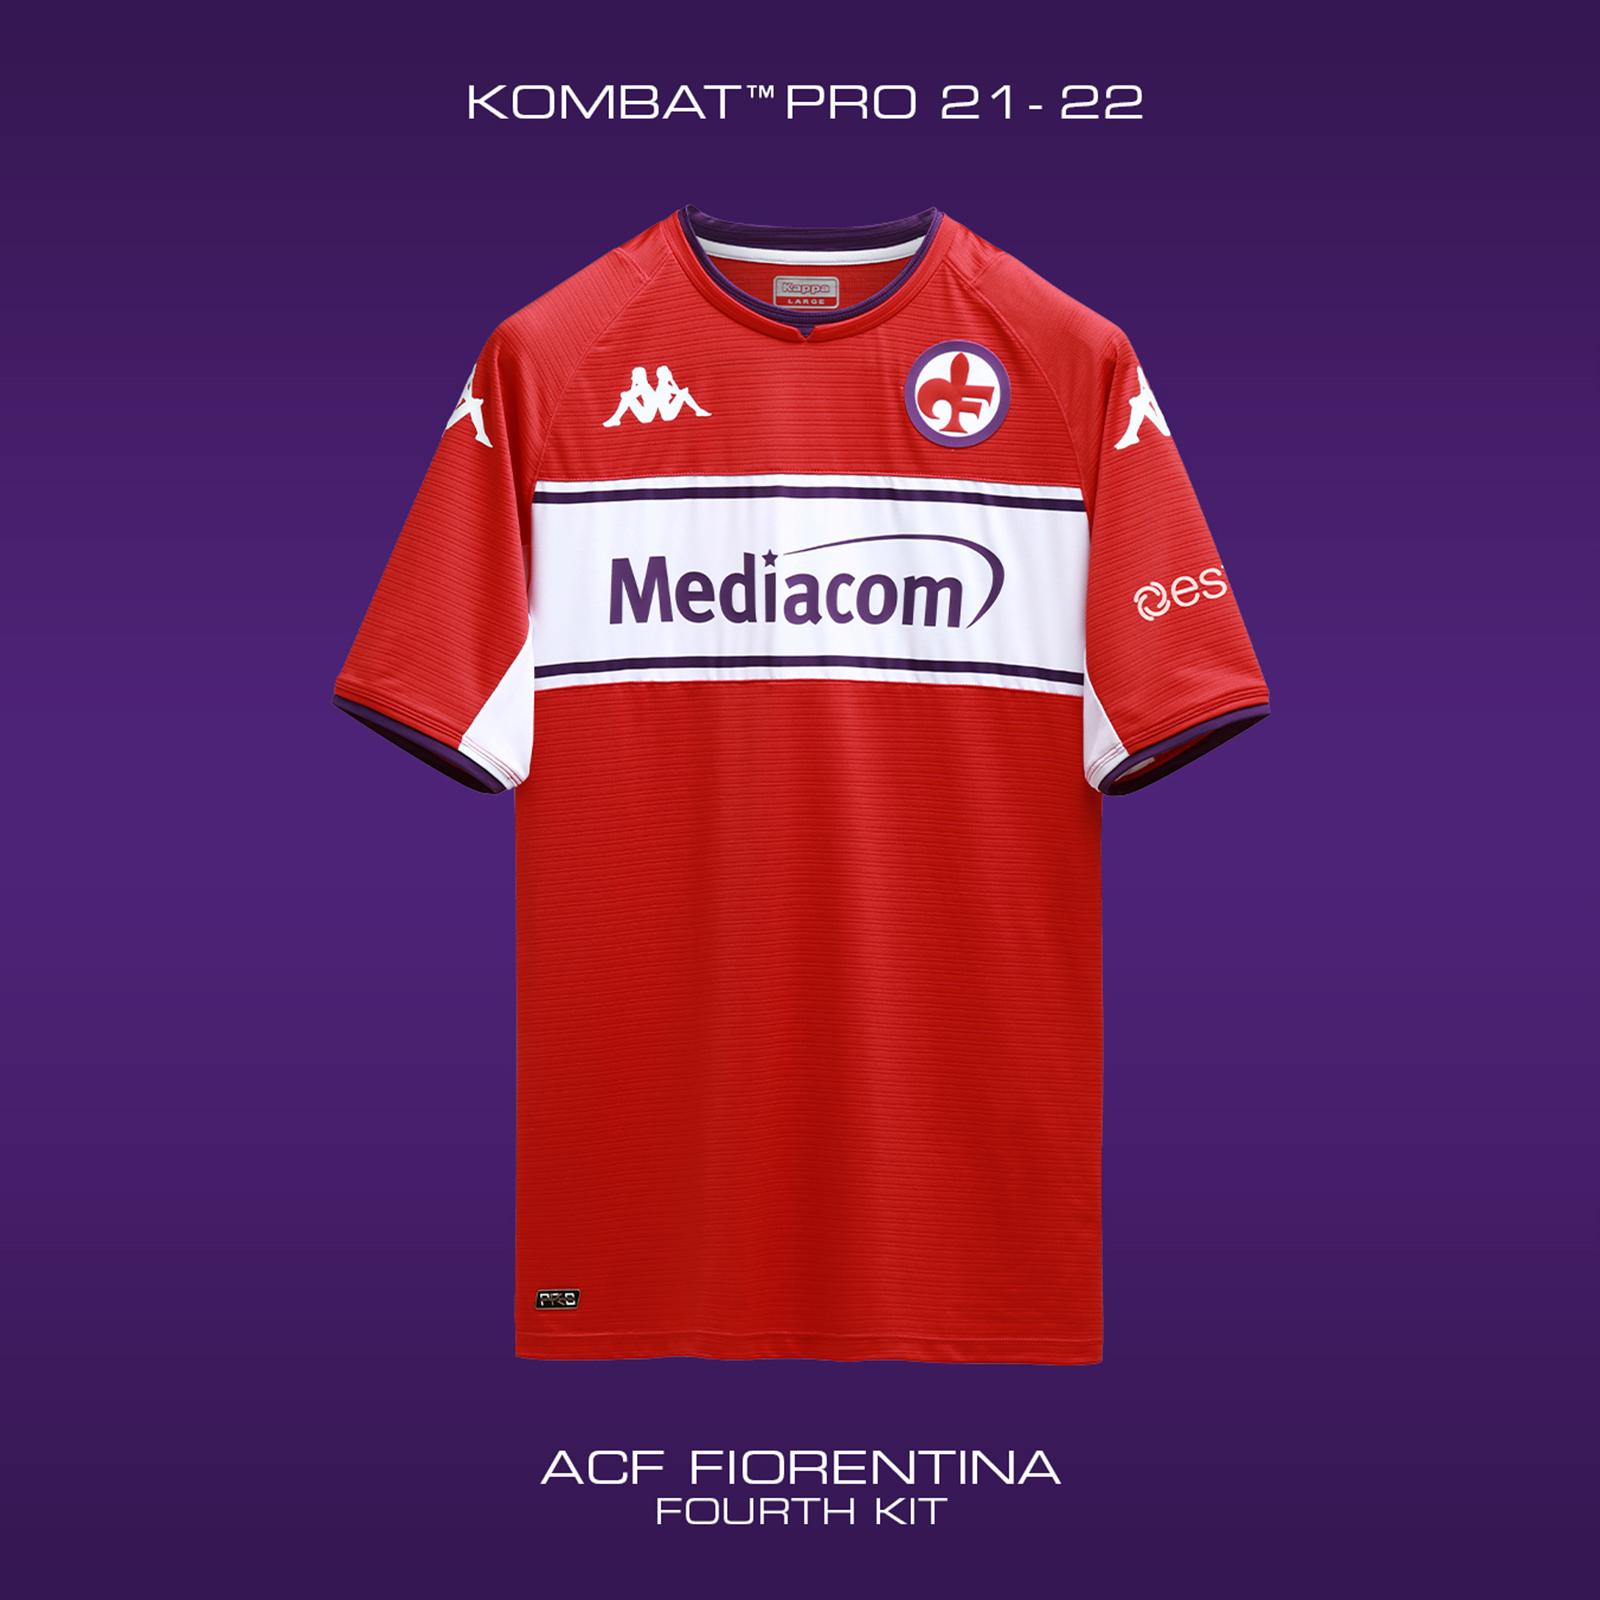 fiorentina_2021_2022_kappa_kits_f.jpeg